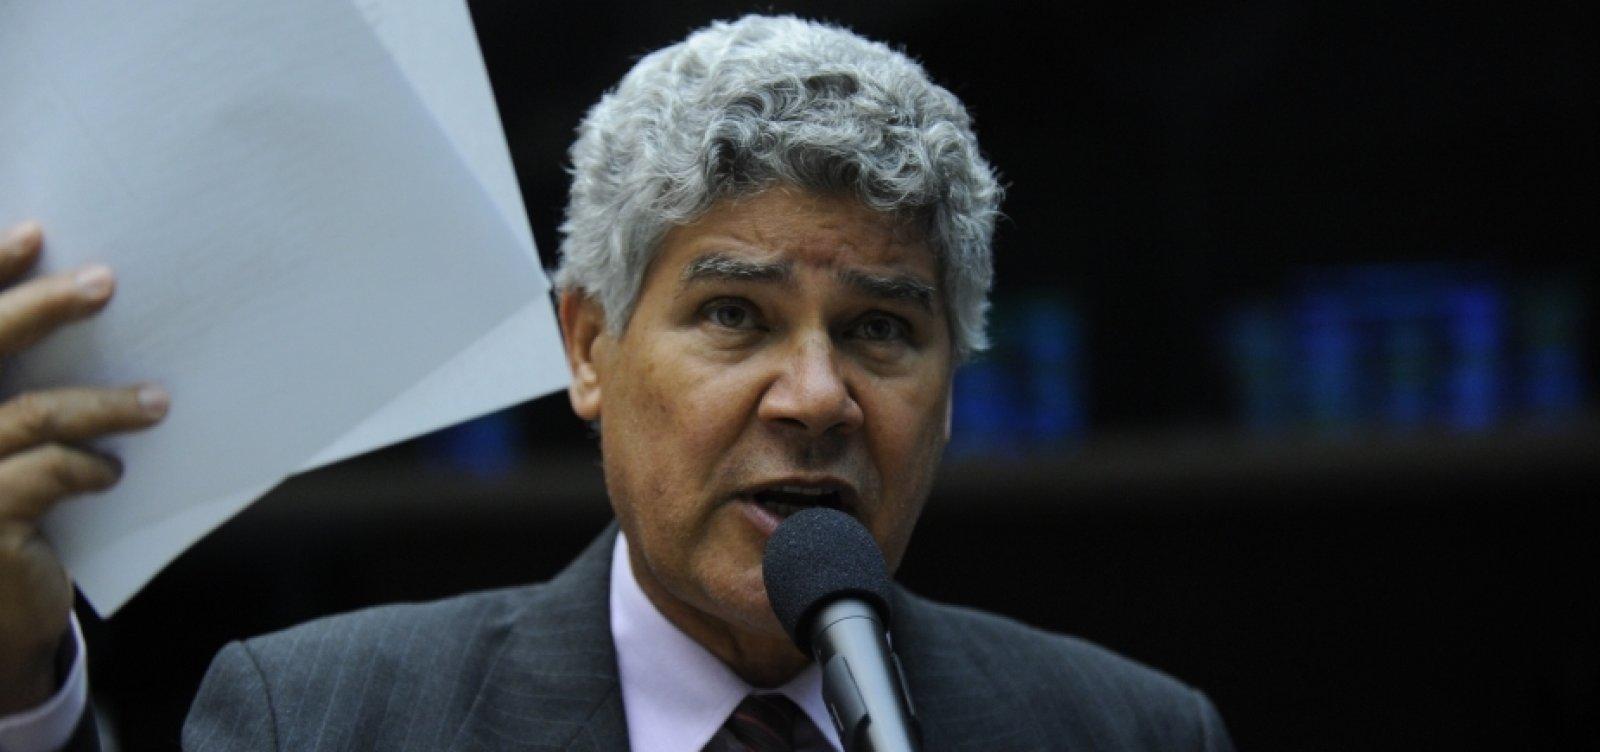 [Chico Alencar compara vazamento de Moro com de Dilma: 'Quem com ferro fere, com ferro será ferido']